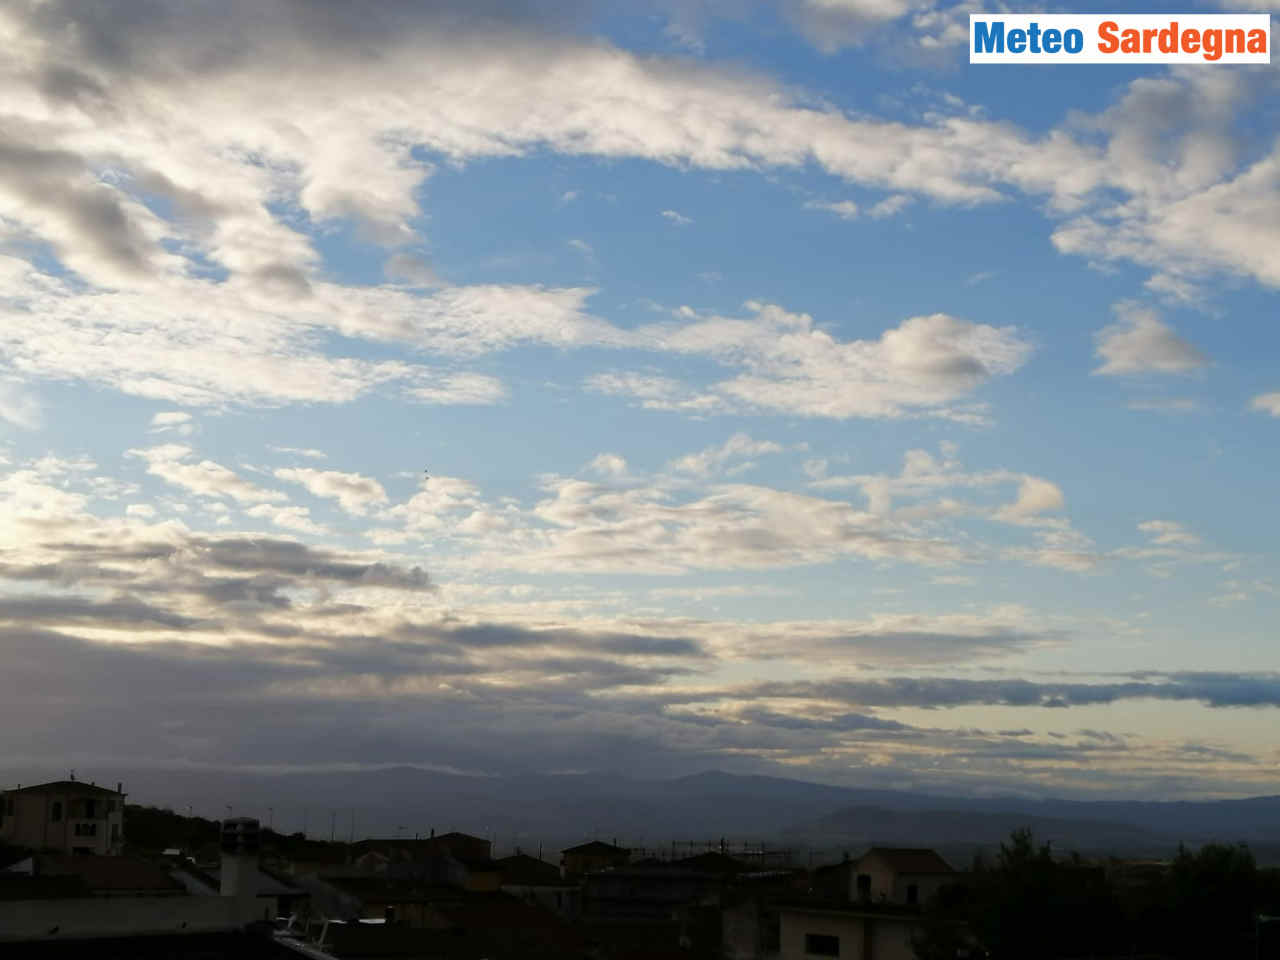 Cielo autunnale, a Ploaghe stamattina. Foto di Daniele Mereu.